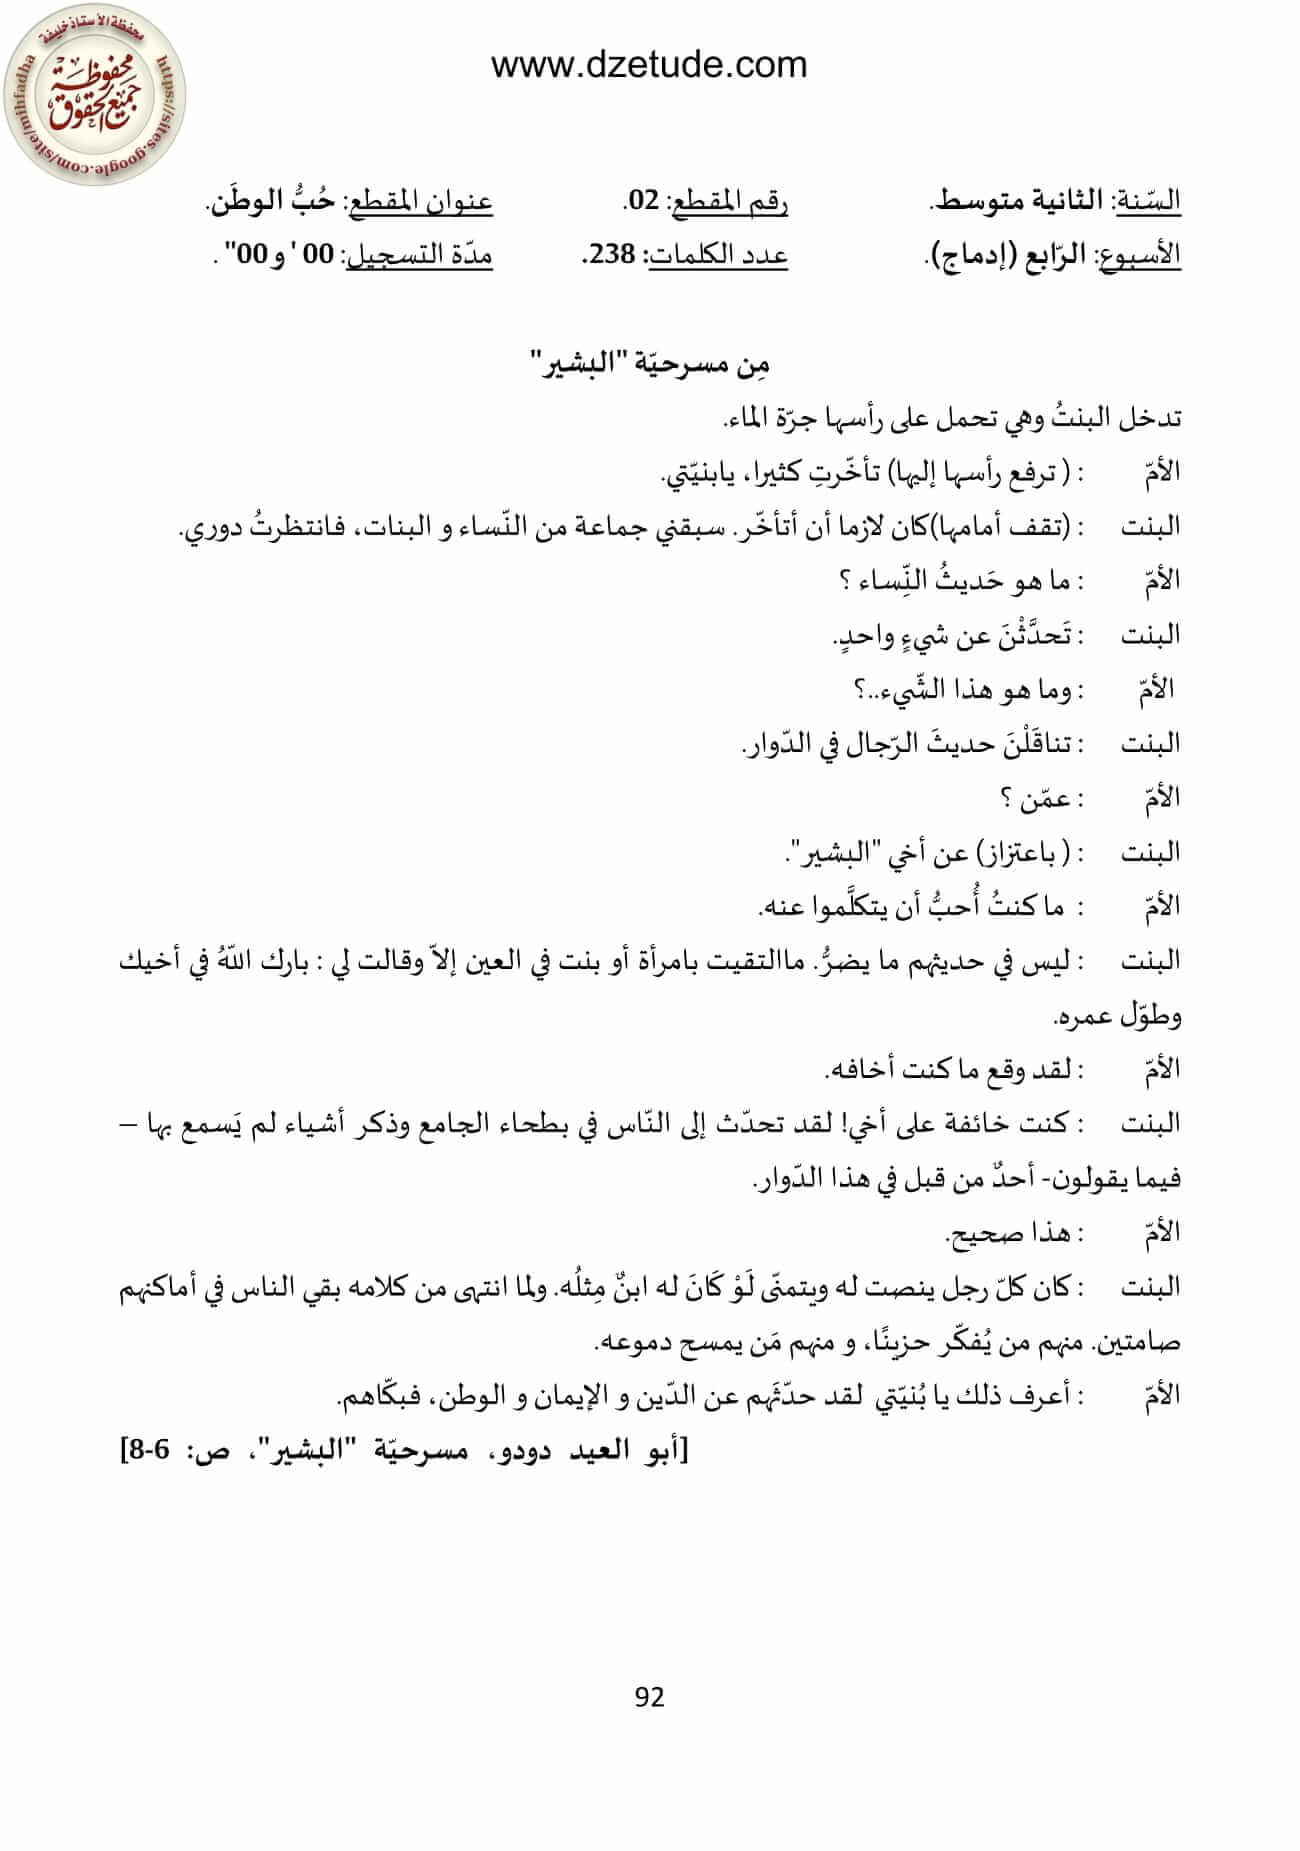 نص فهم المنطوق من مسرحية البشير